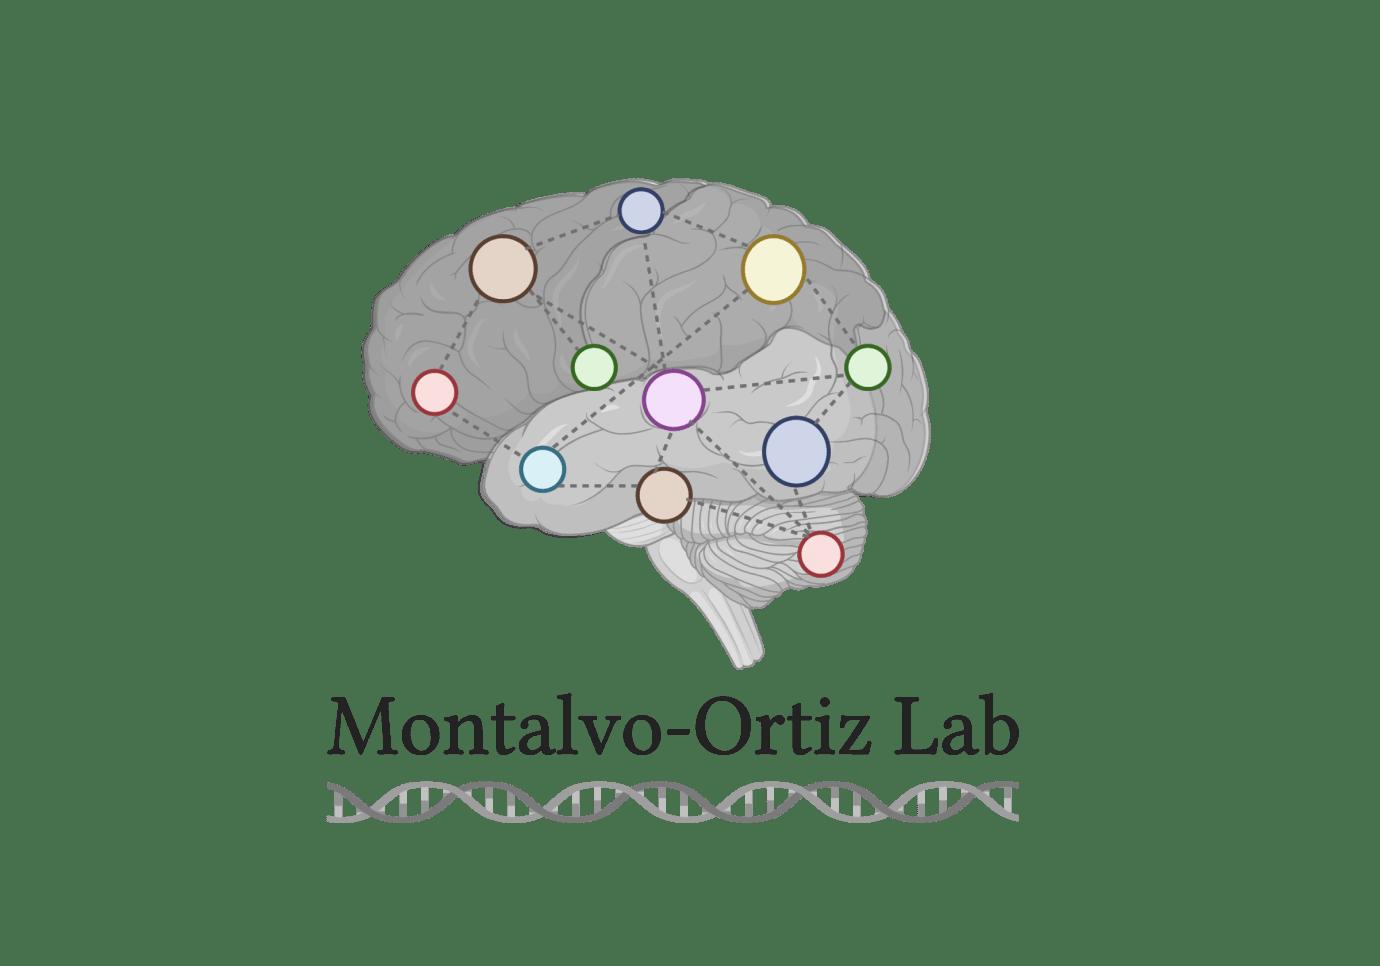 Montalvo-Ortiz Lab